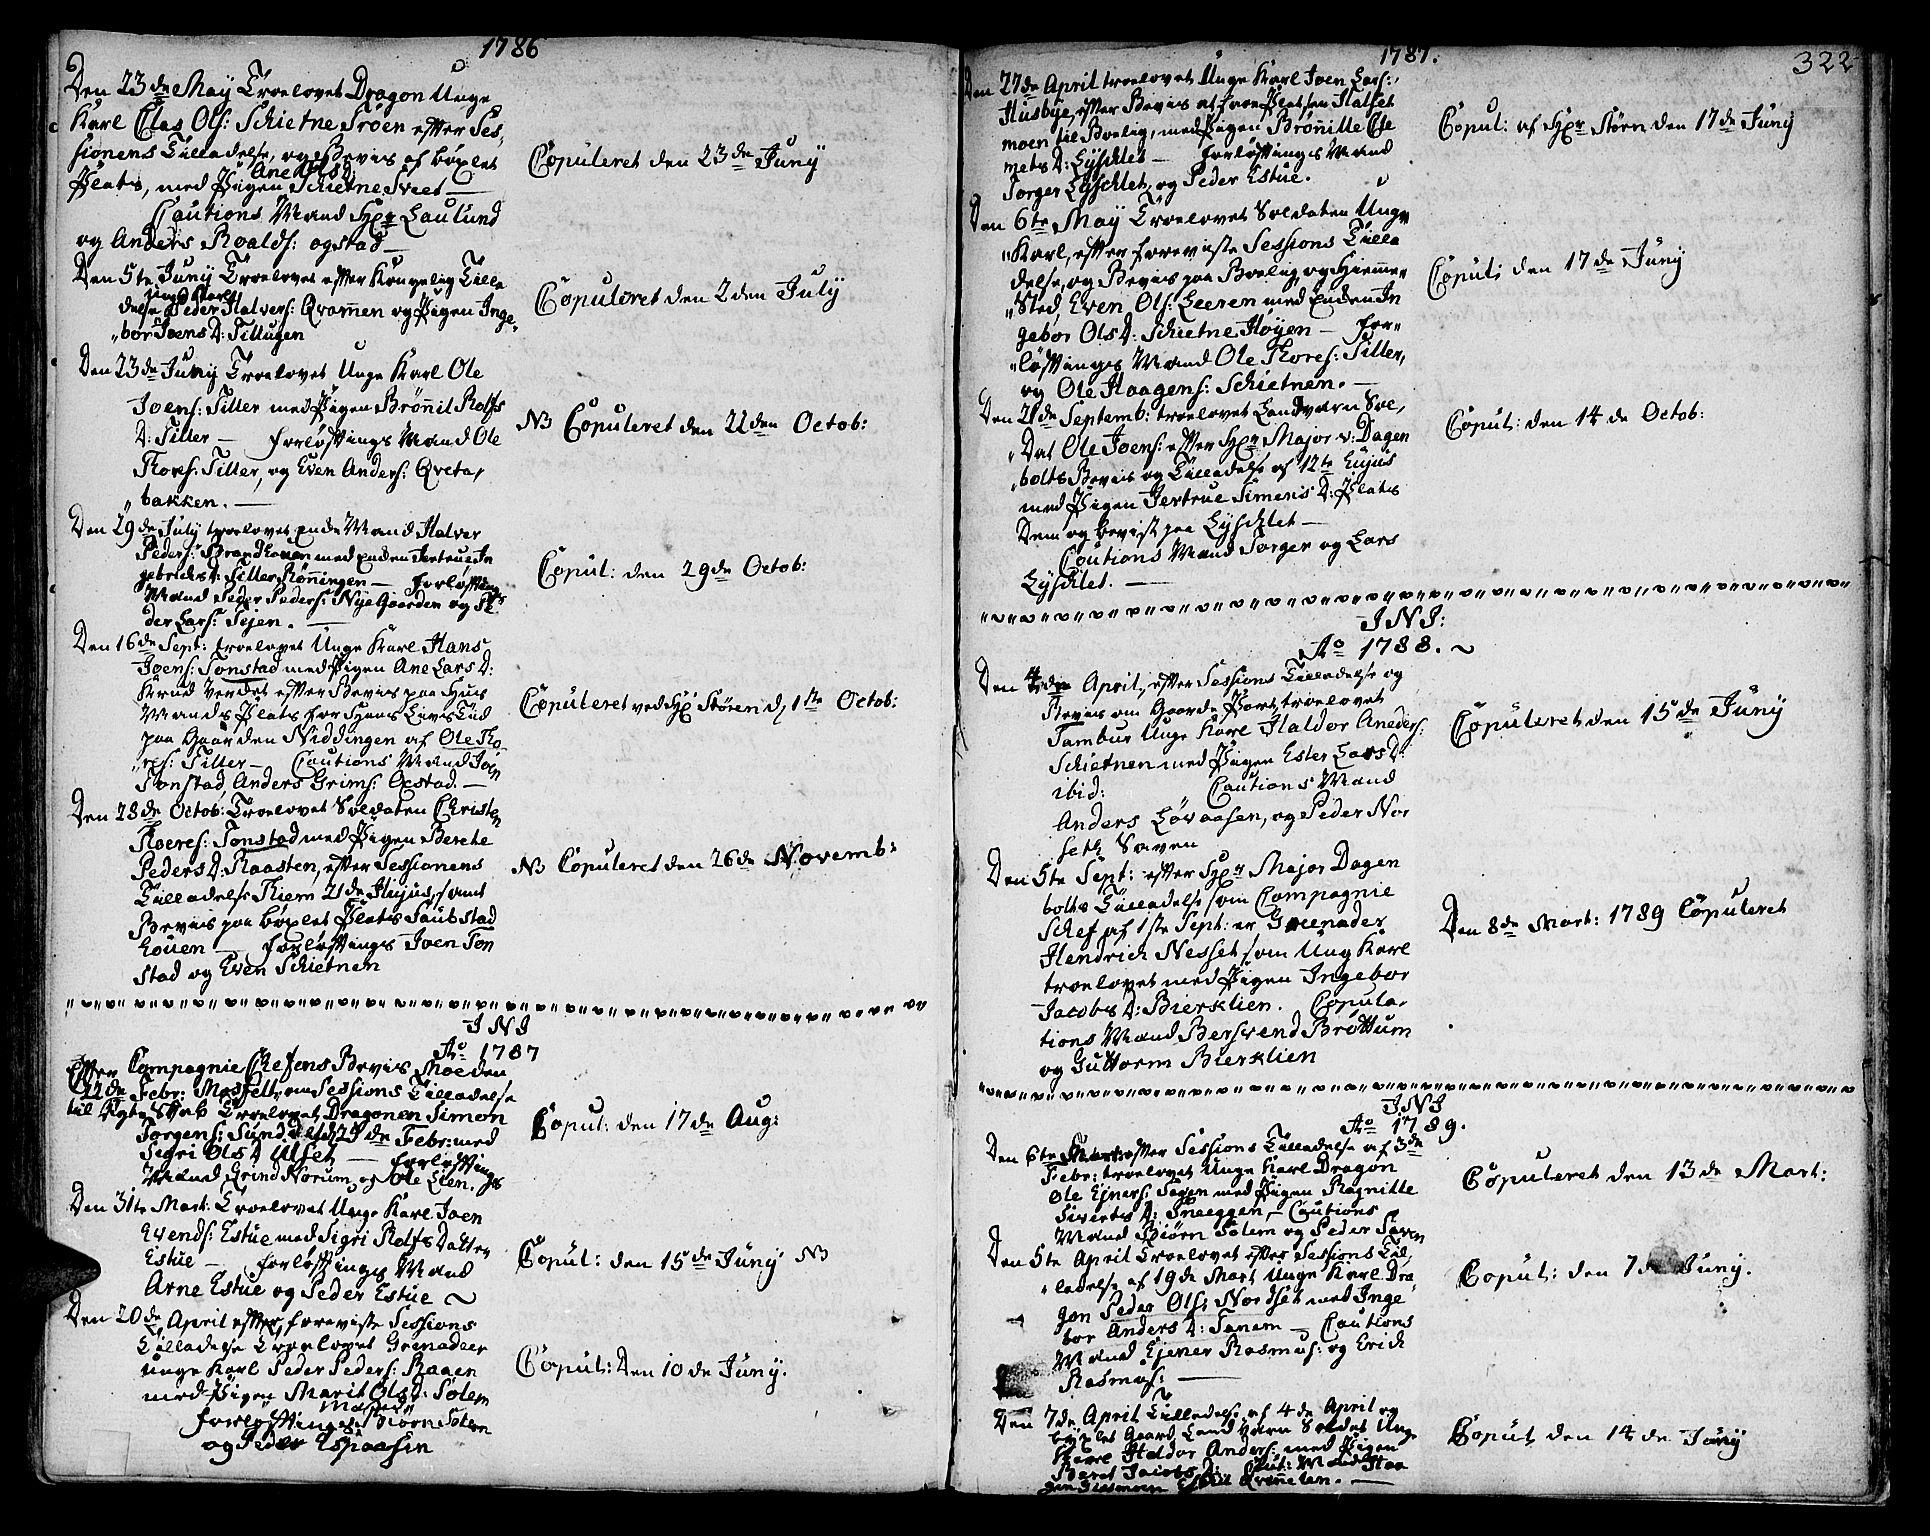 SAT, Ministerialprotokoller, klokkerbøker og fødselsregistre - Sør-Trøndelag, 618/L0438: Ministerialbok nr. 618A03, 1783-1815, s. 322